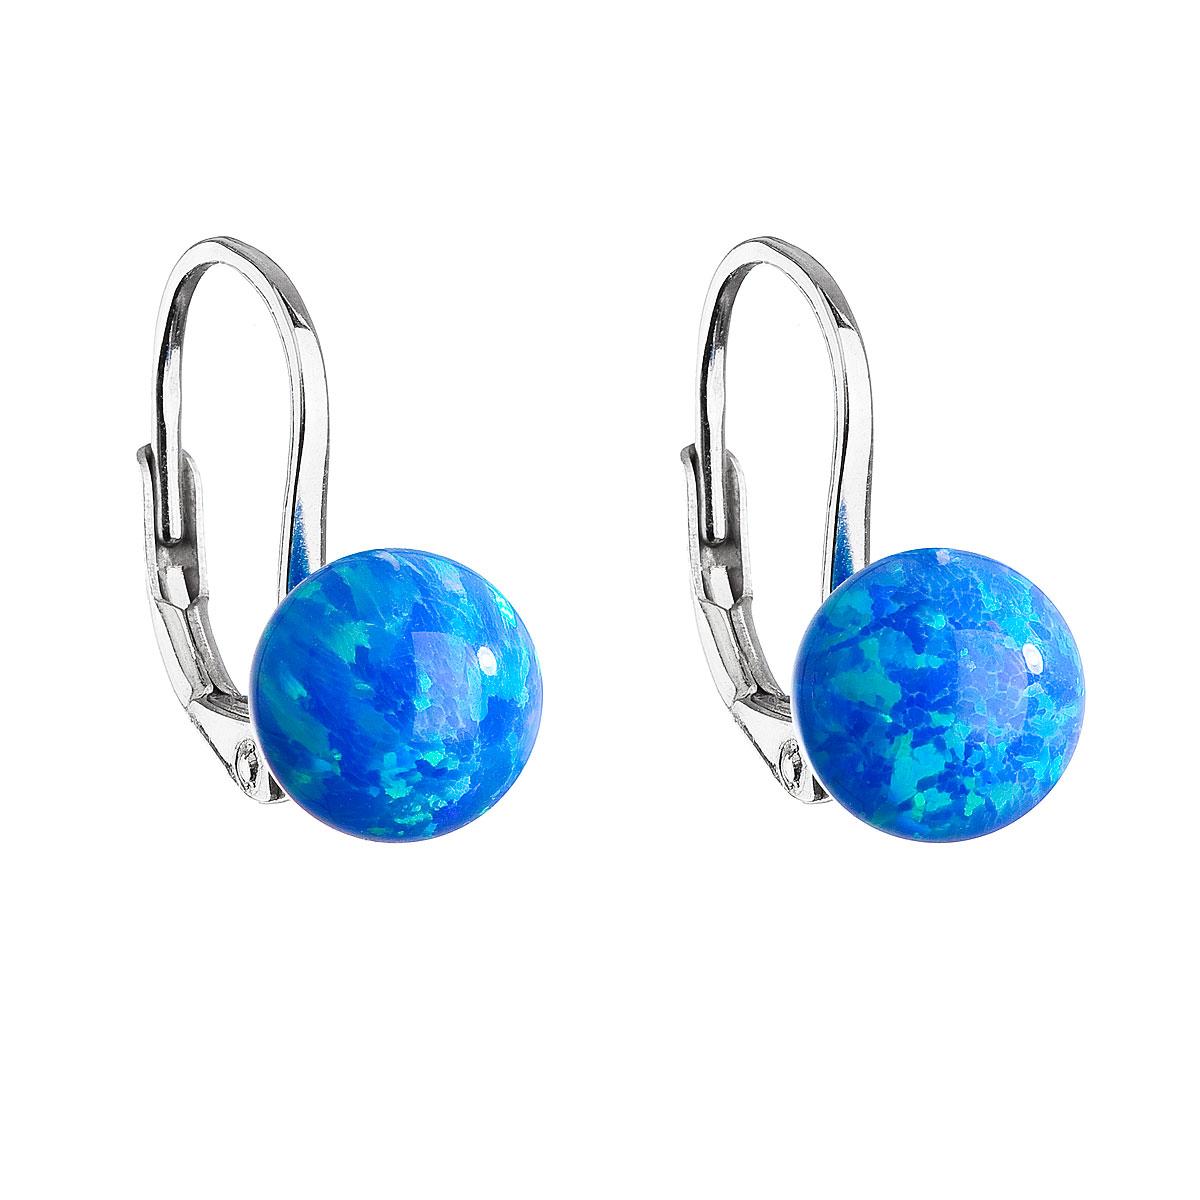 Strieborné visiace náušnice so syntetickým opálom modré okrúhle 11245.3